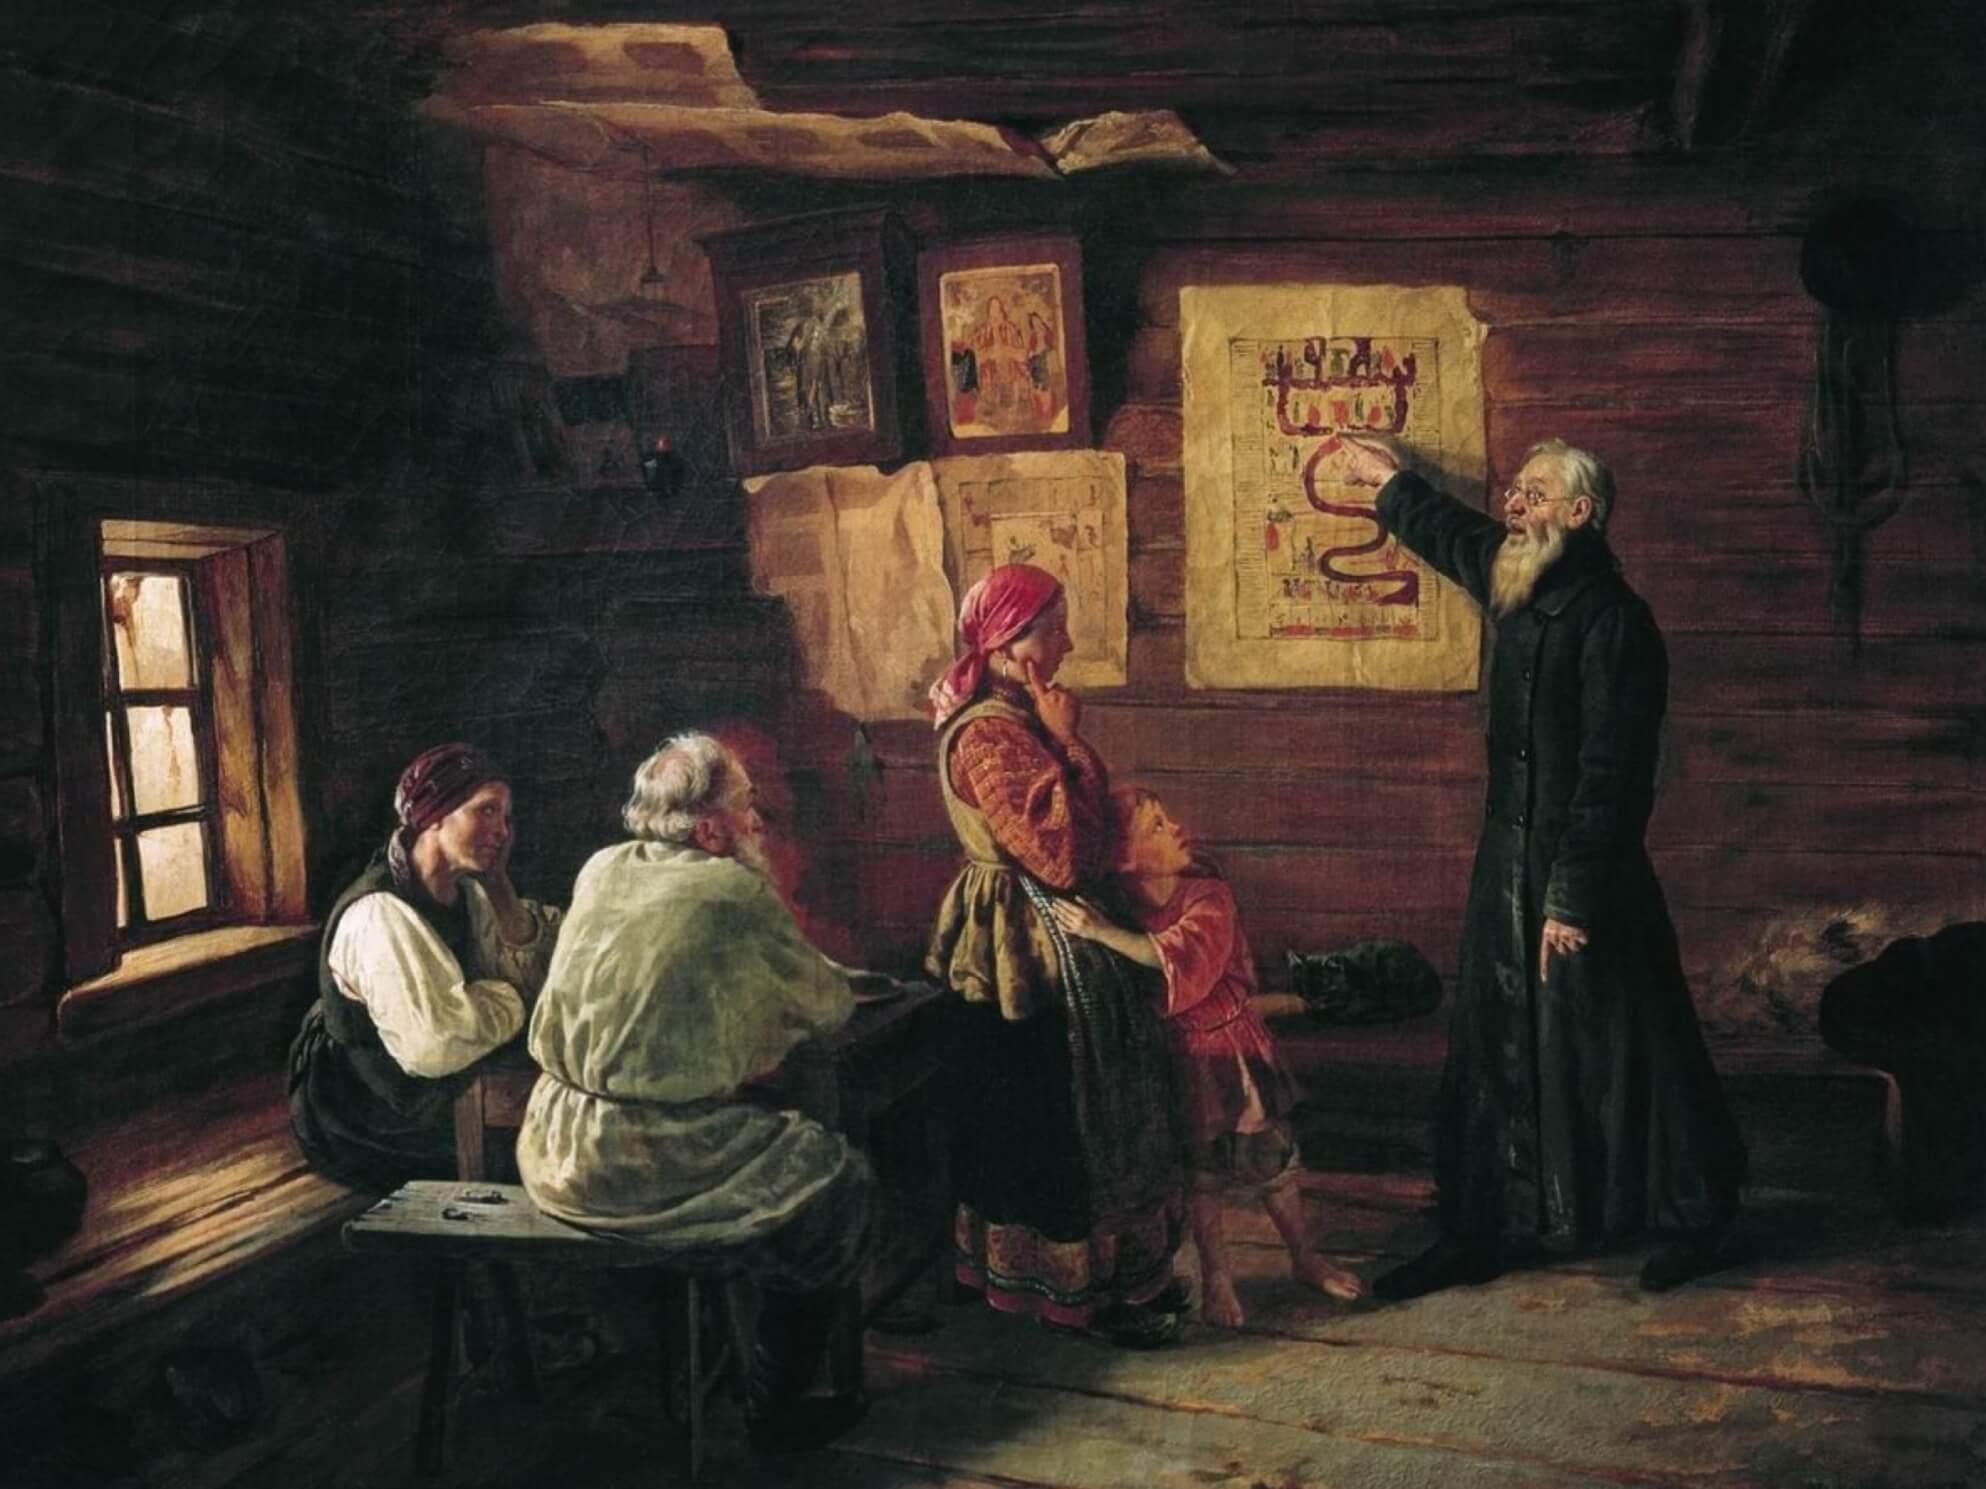 Домострой, Семья, Жена, Дети 2